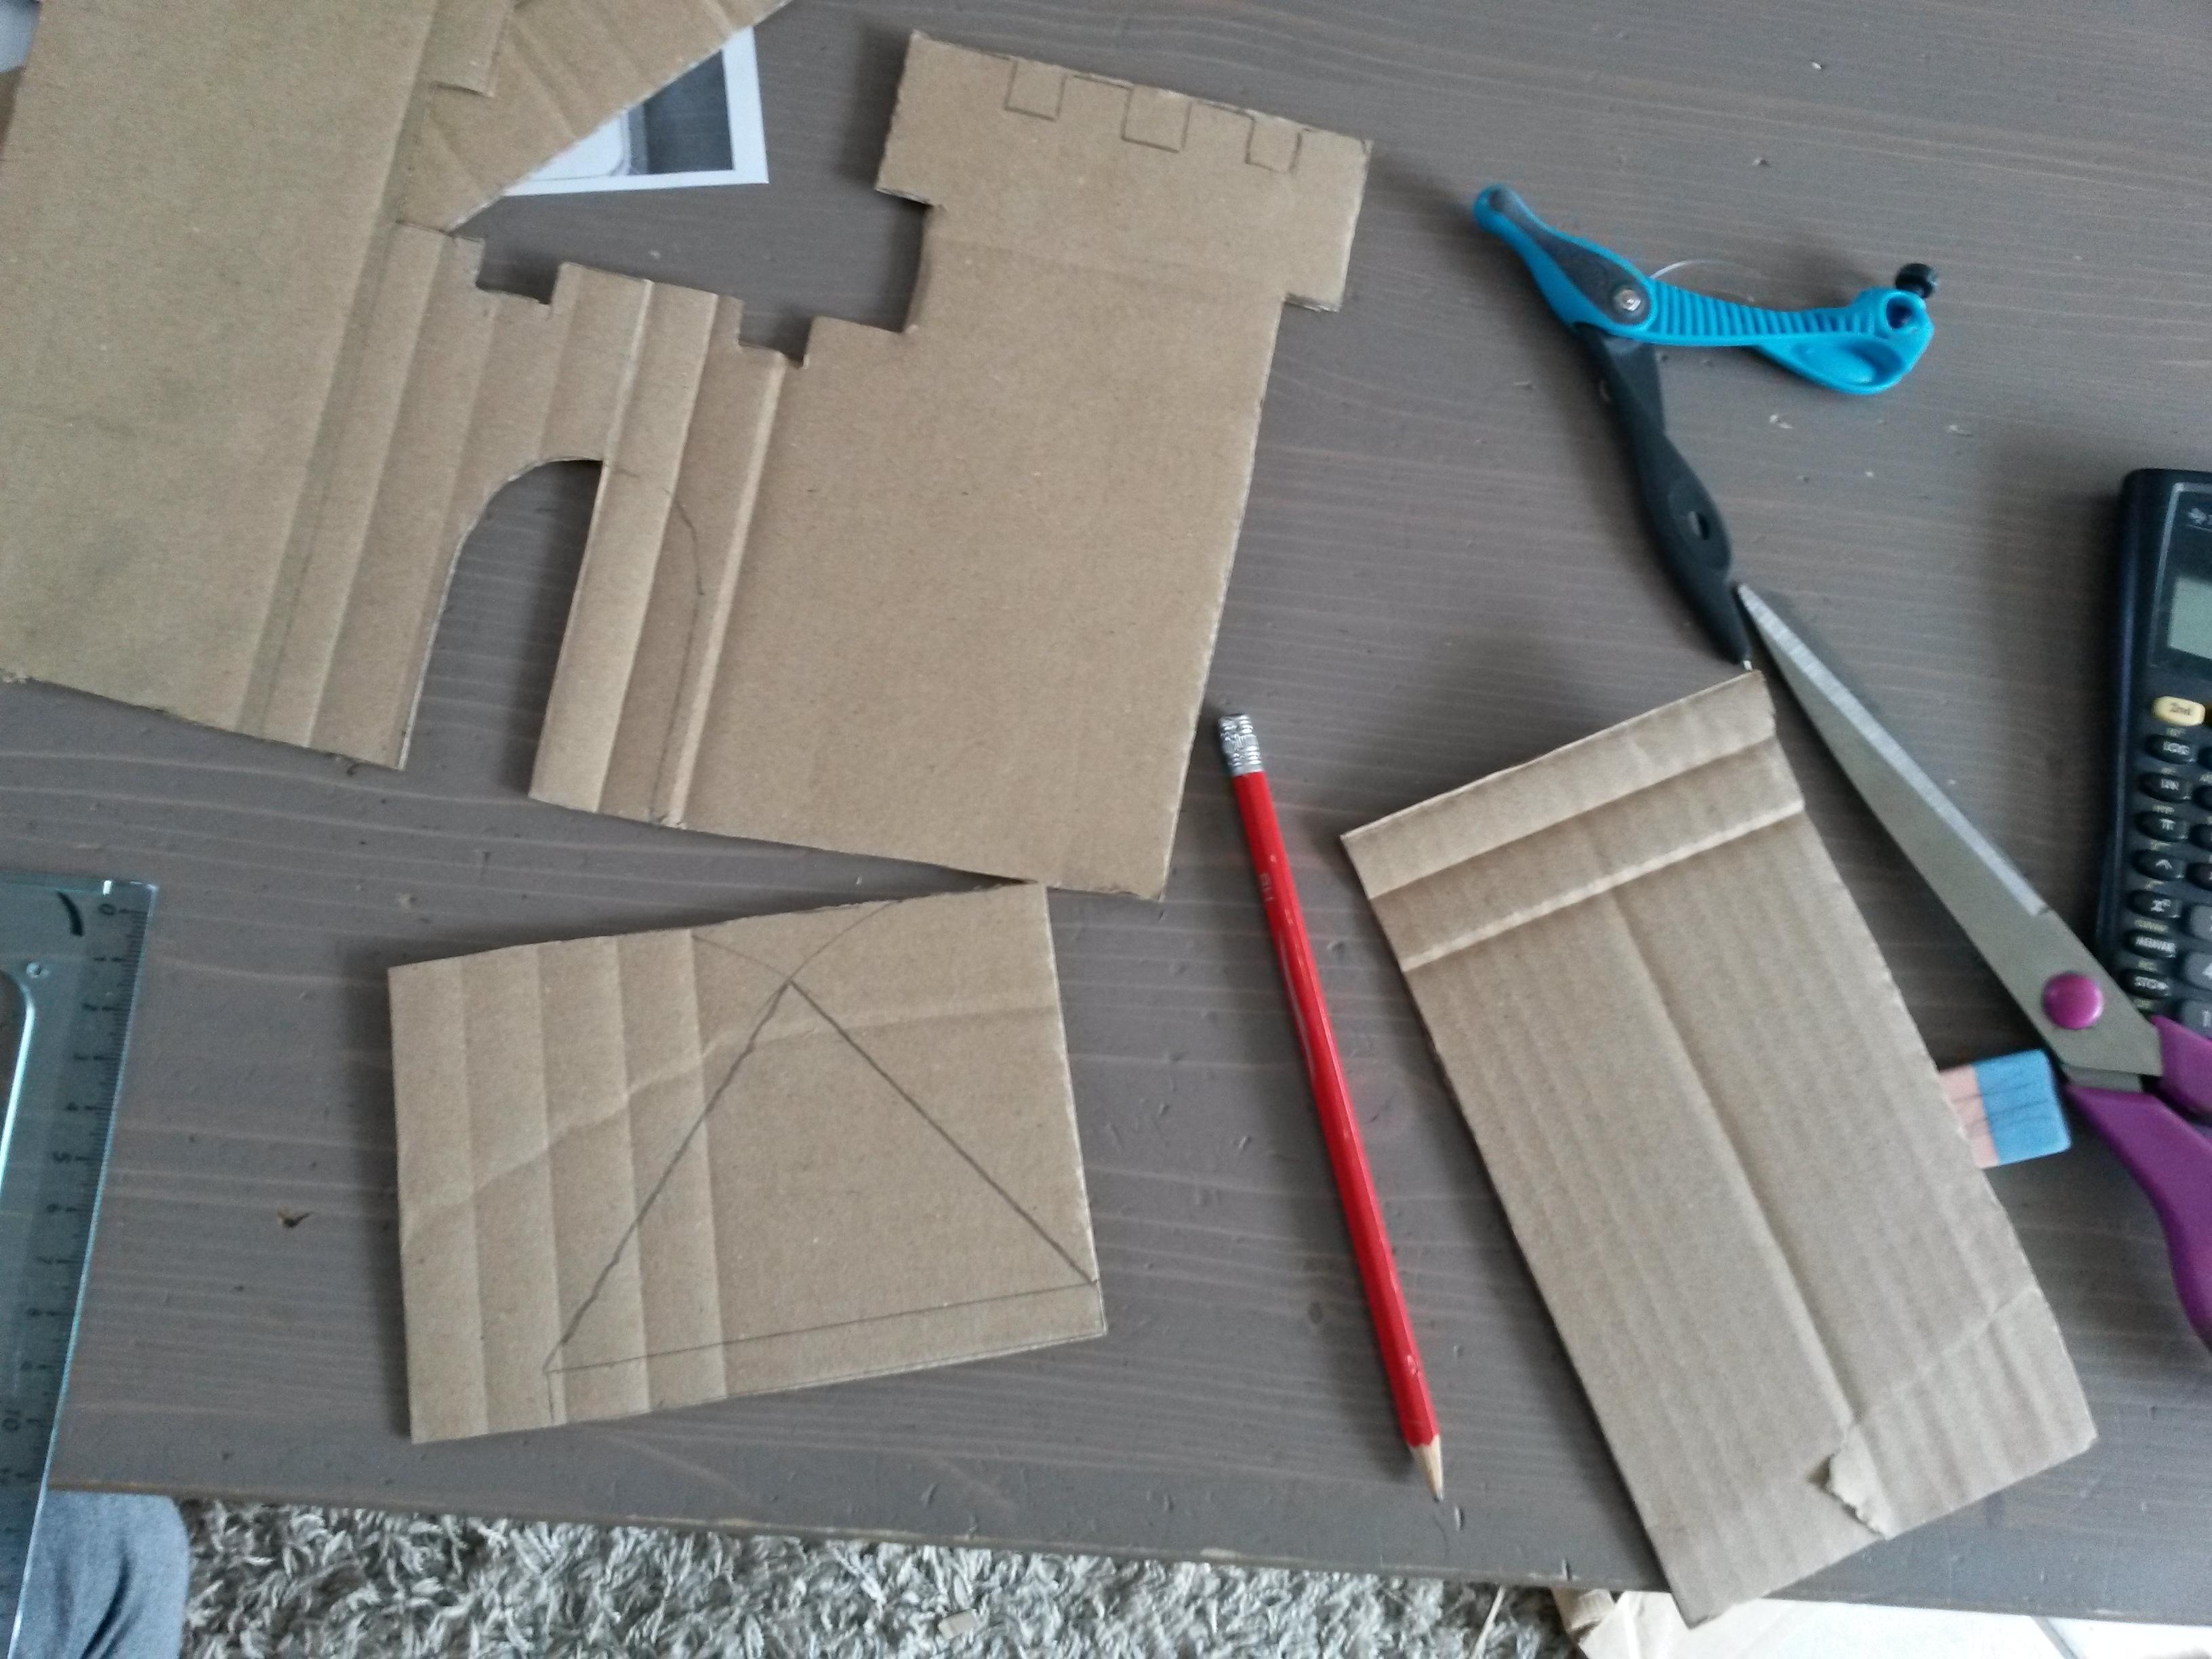 3 constructions en carton faire avec les enfants - Fabriquer une cloche en carton ...